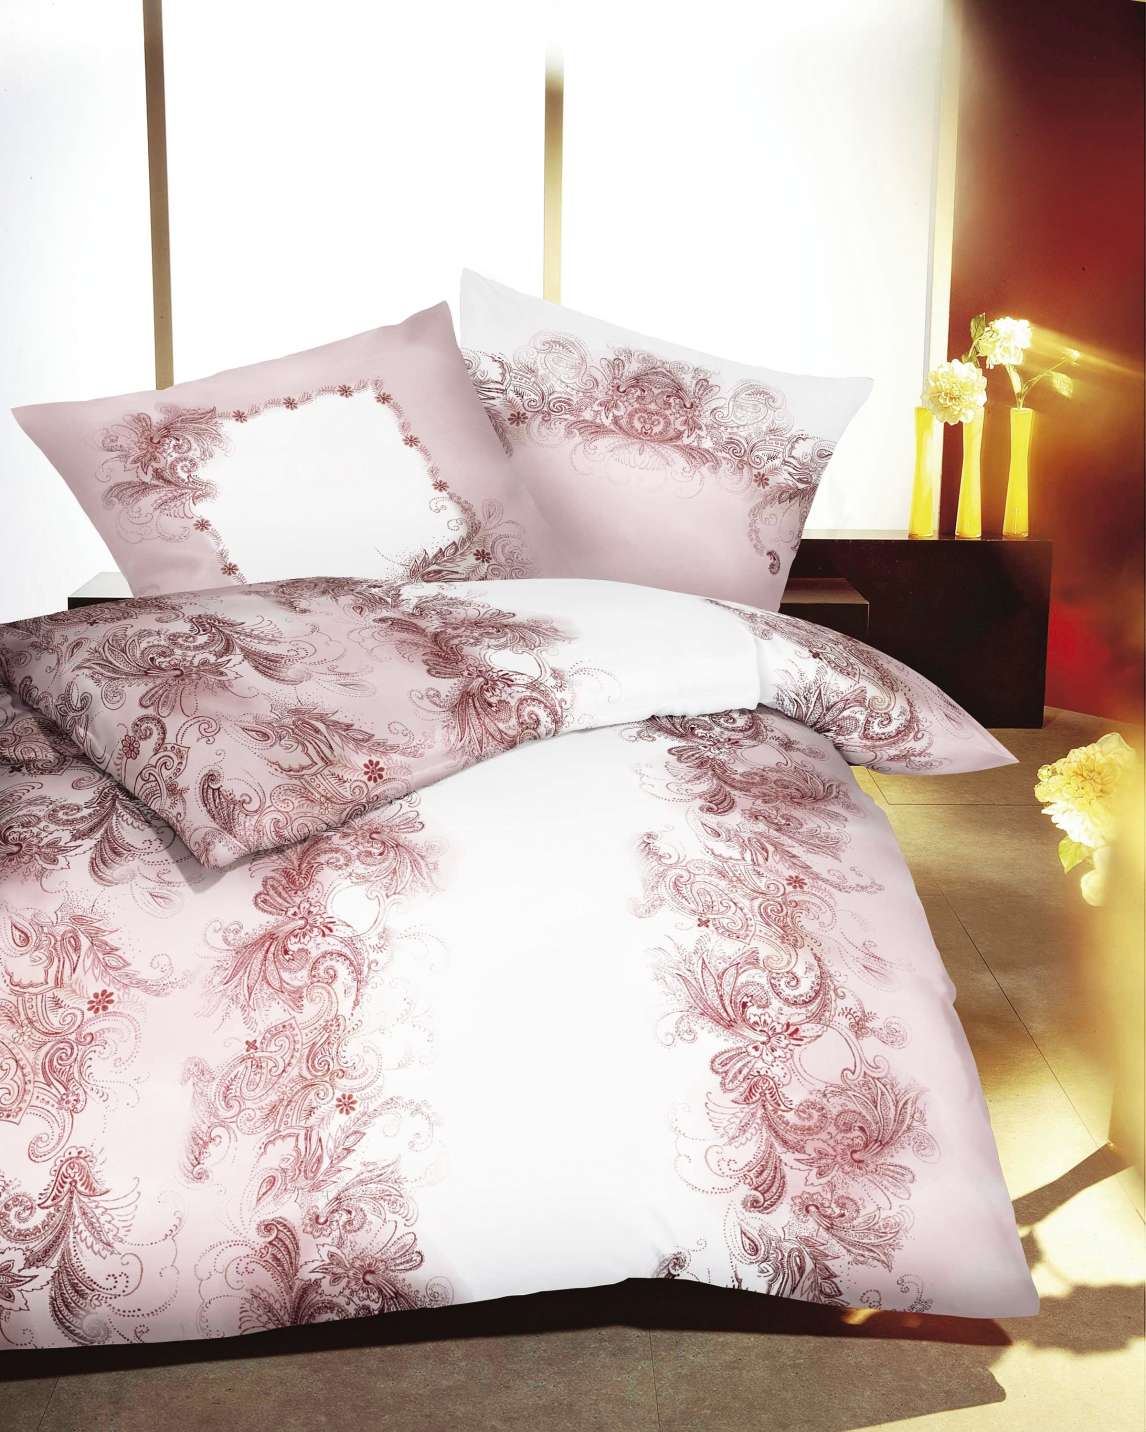 bettw sche garnitur in verschiedenen ausf hrungen bettw sche. Black Bedroom Furniture Sets. Home Design Ideas